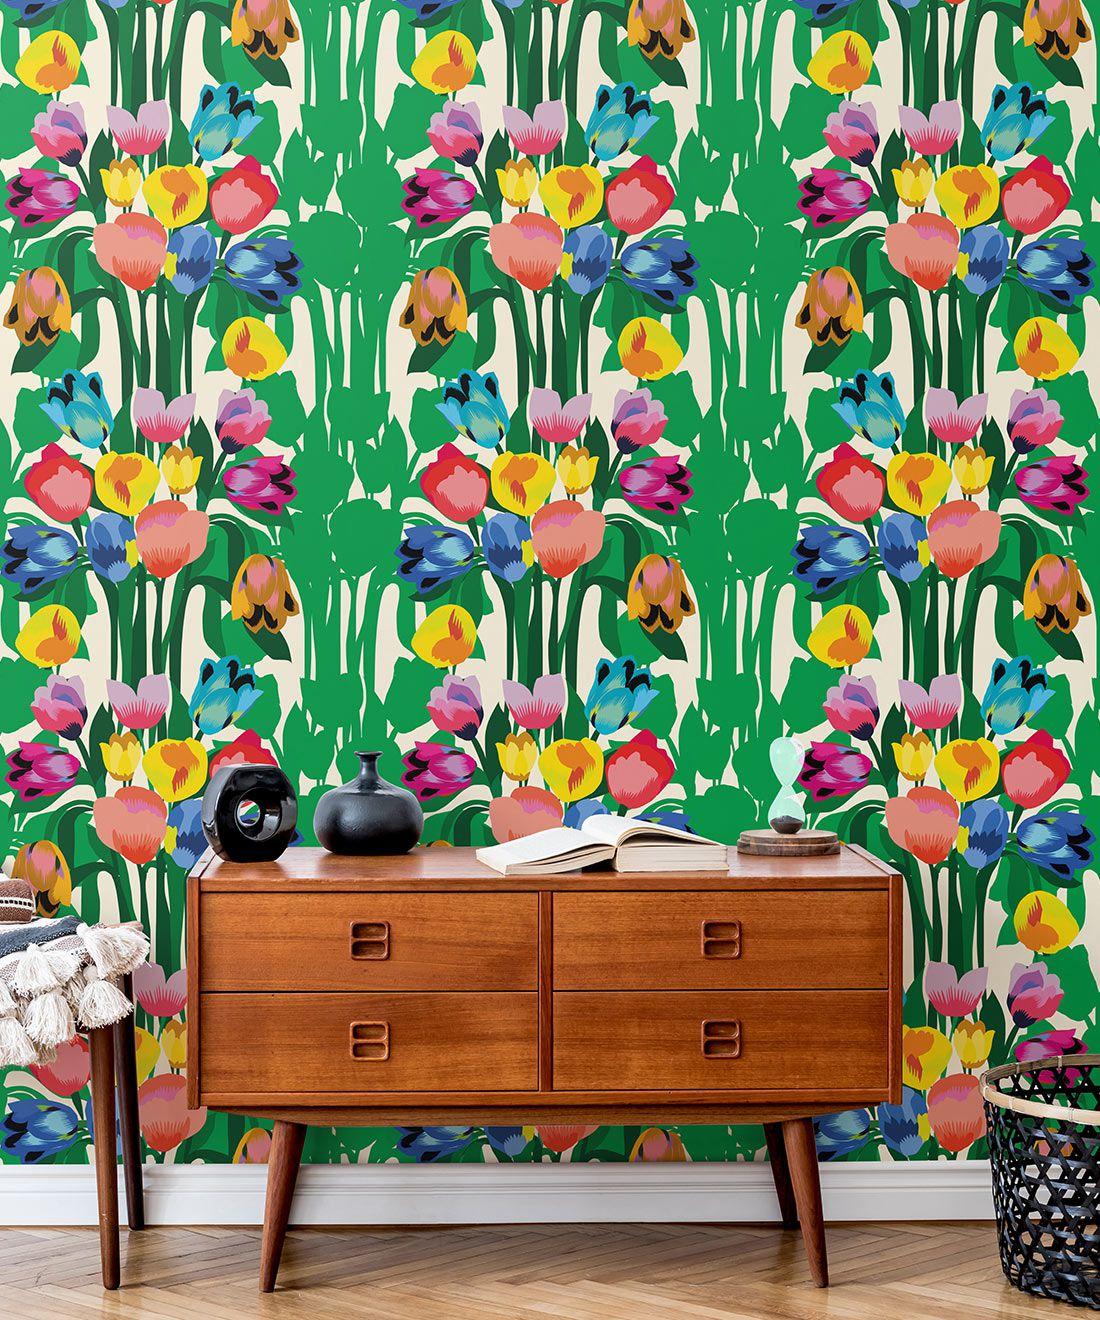 Tulips Wallpaper • Colorful Floral Wallpaper • Insitu